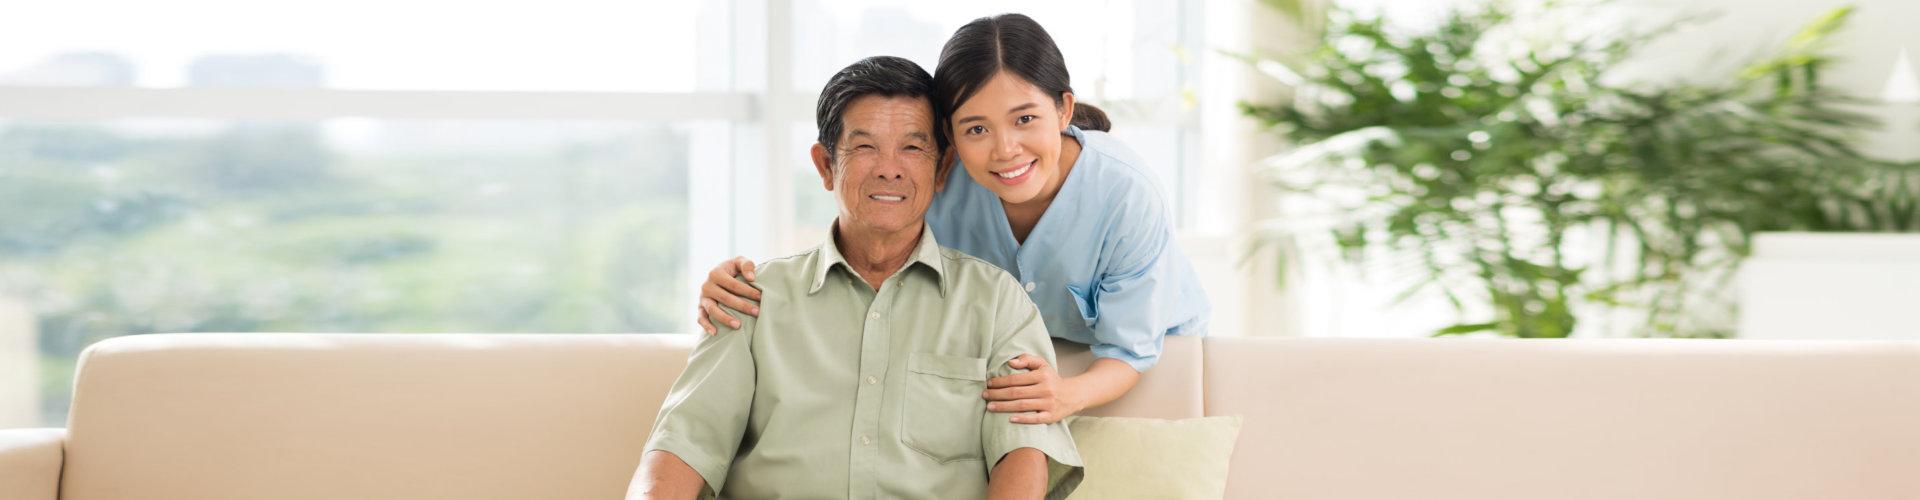 staff and elderly man